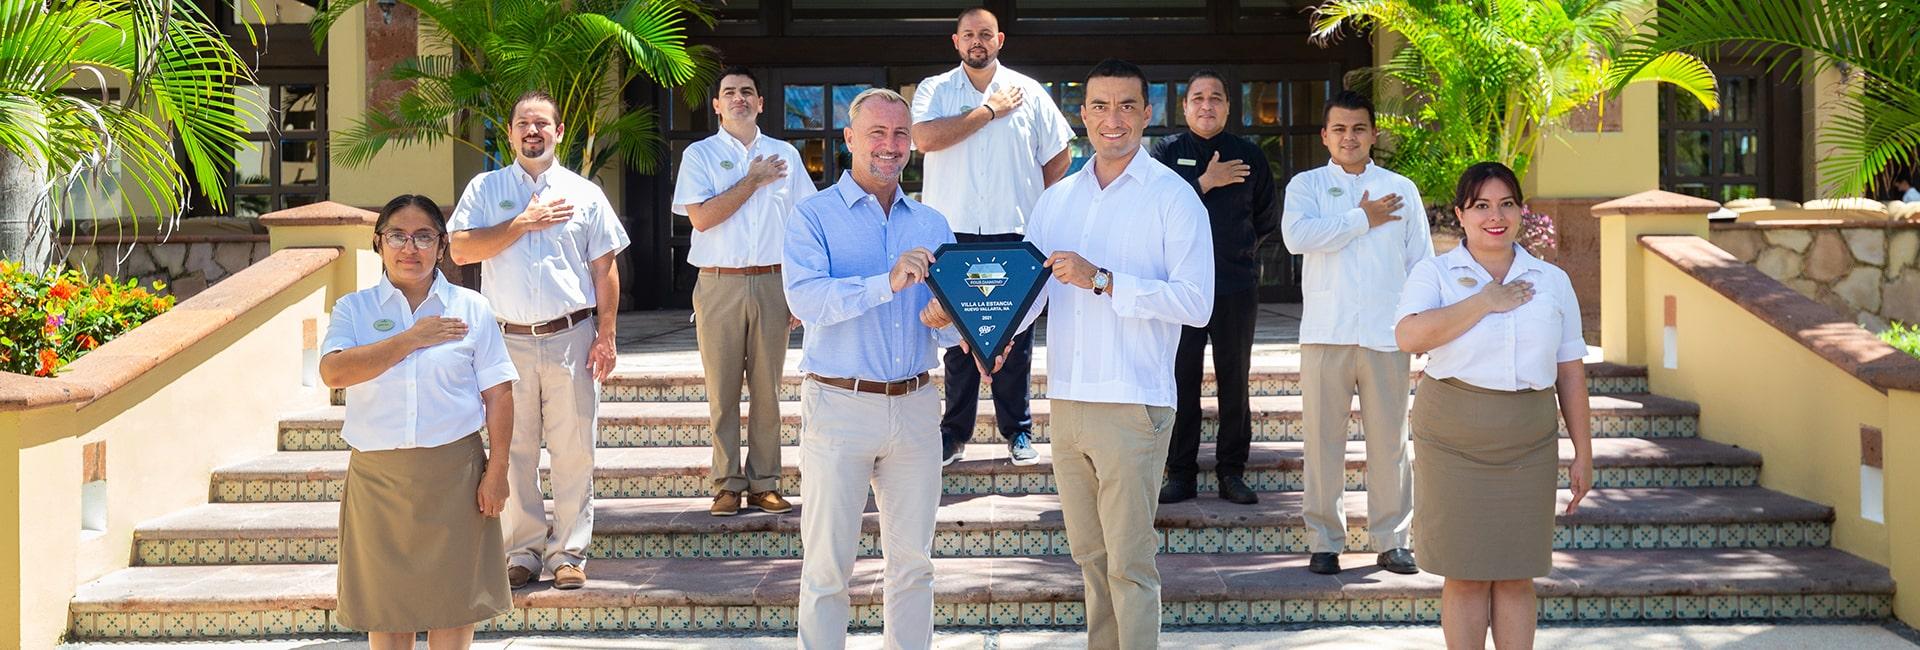 Villa La Estancia Four Diamond